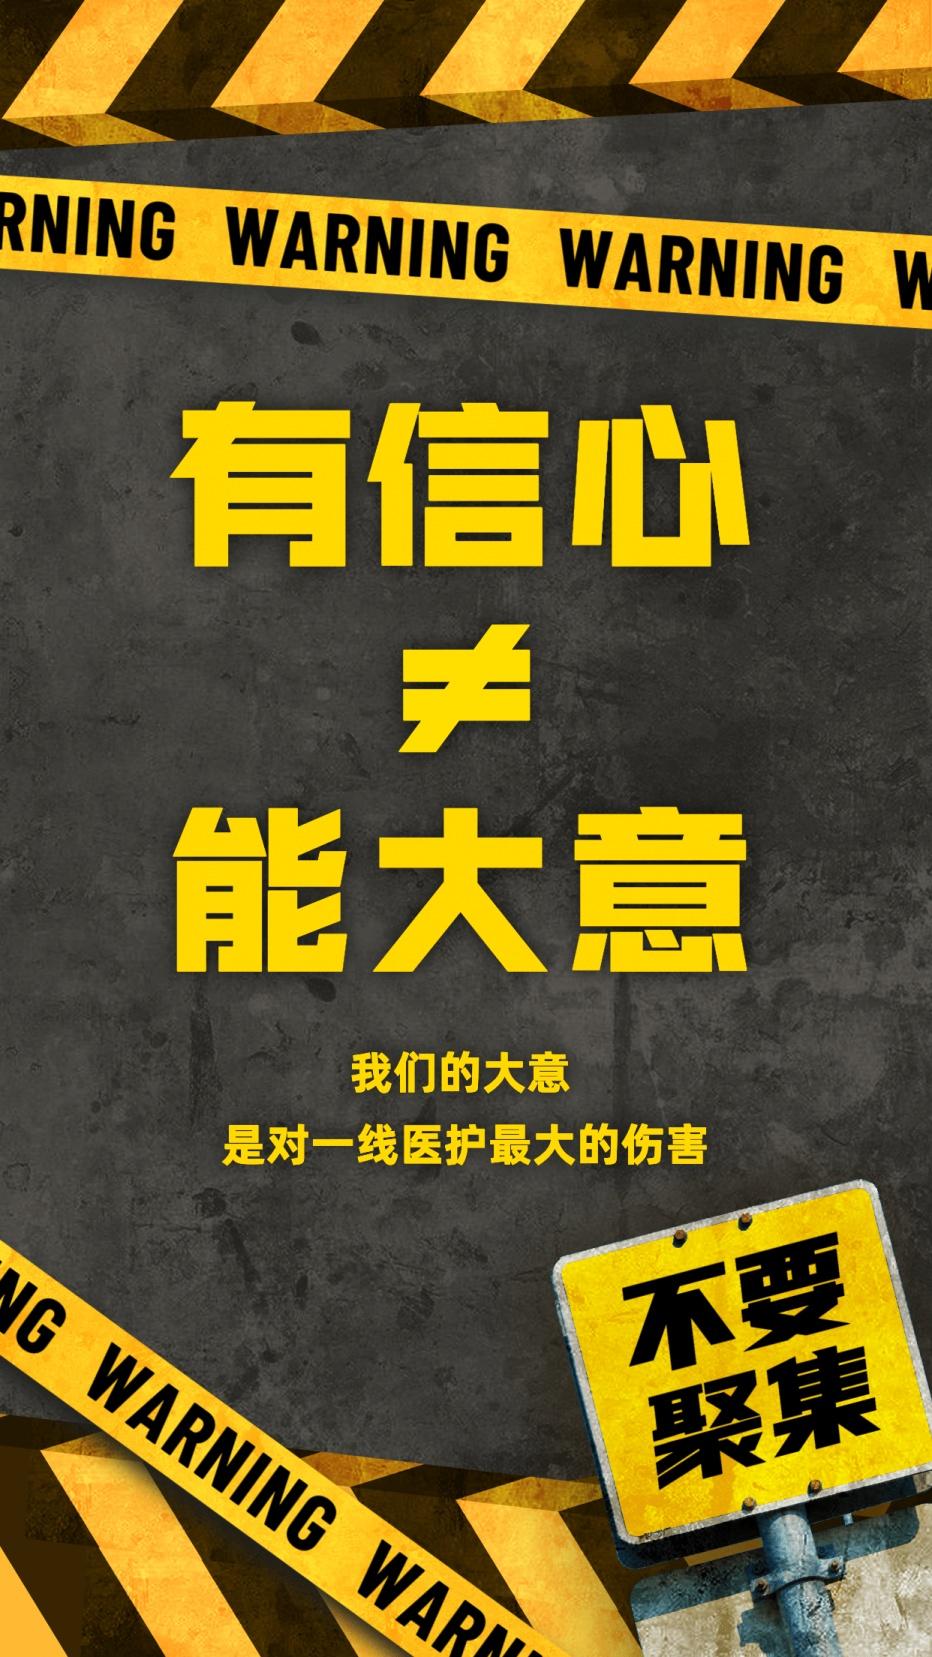 抗疫肺炎疫情防控宣传手机海报